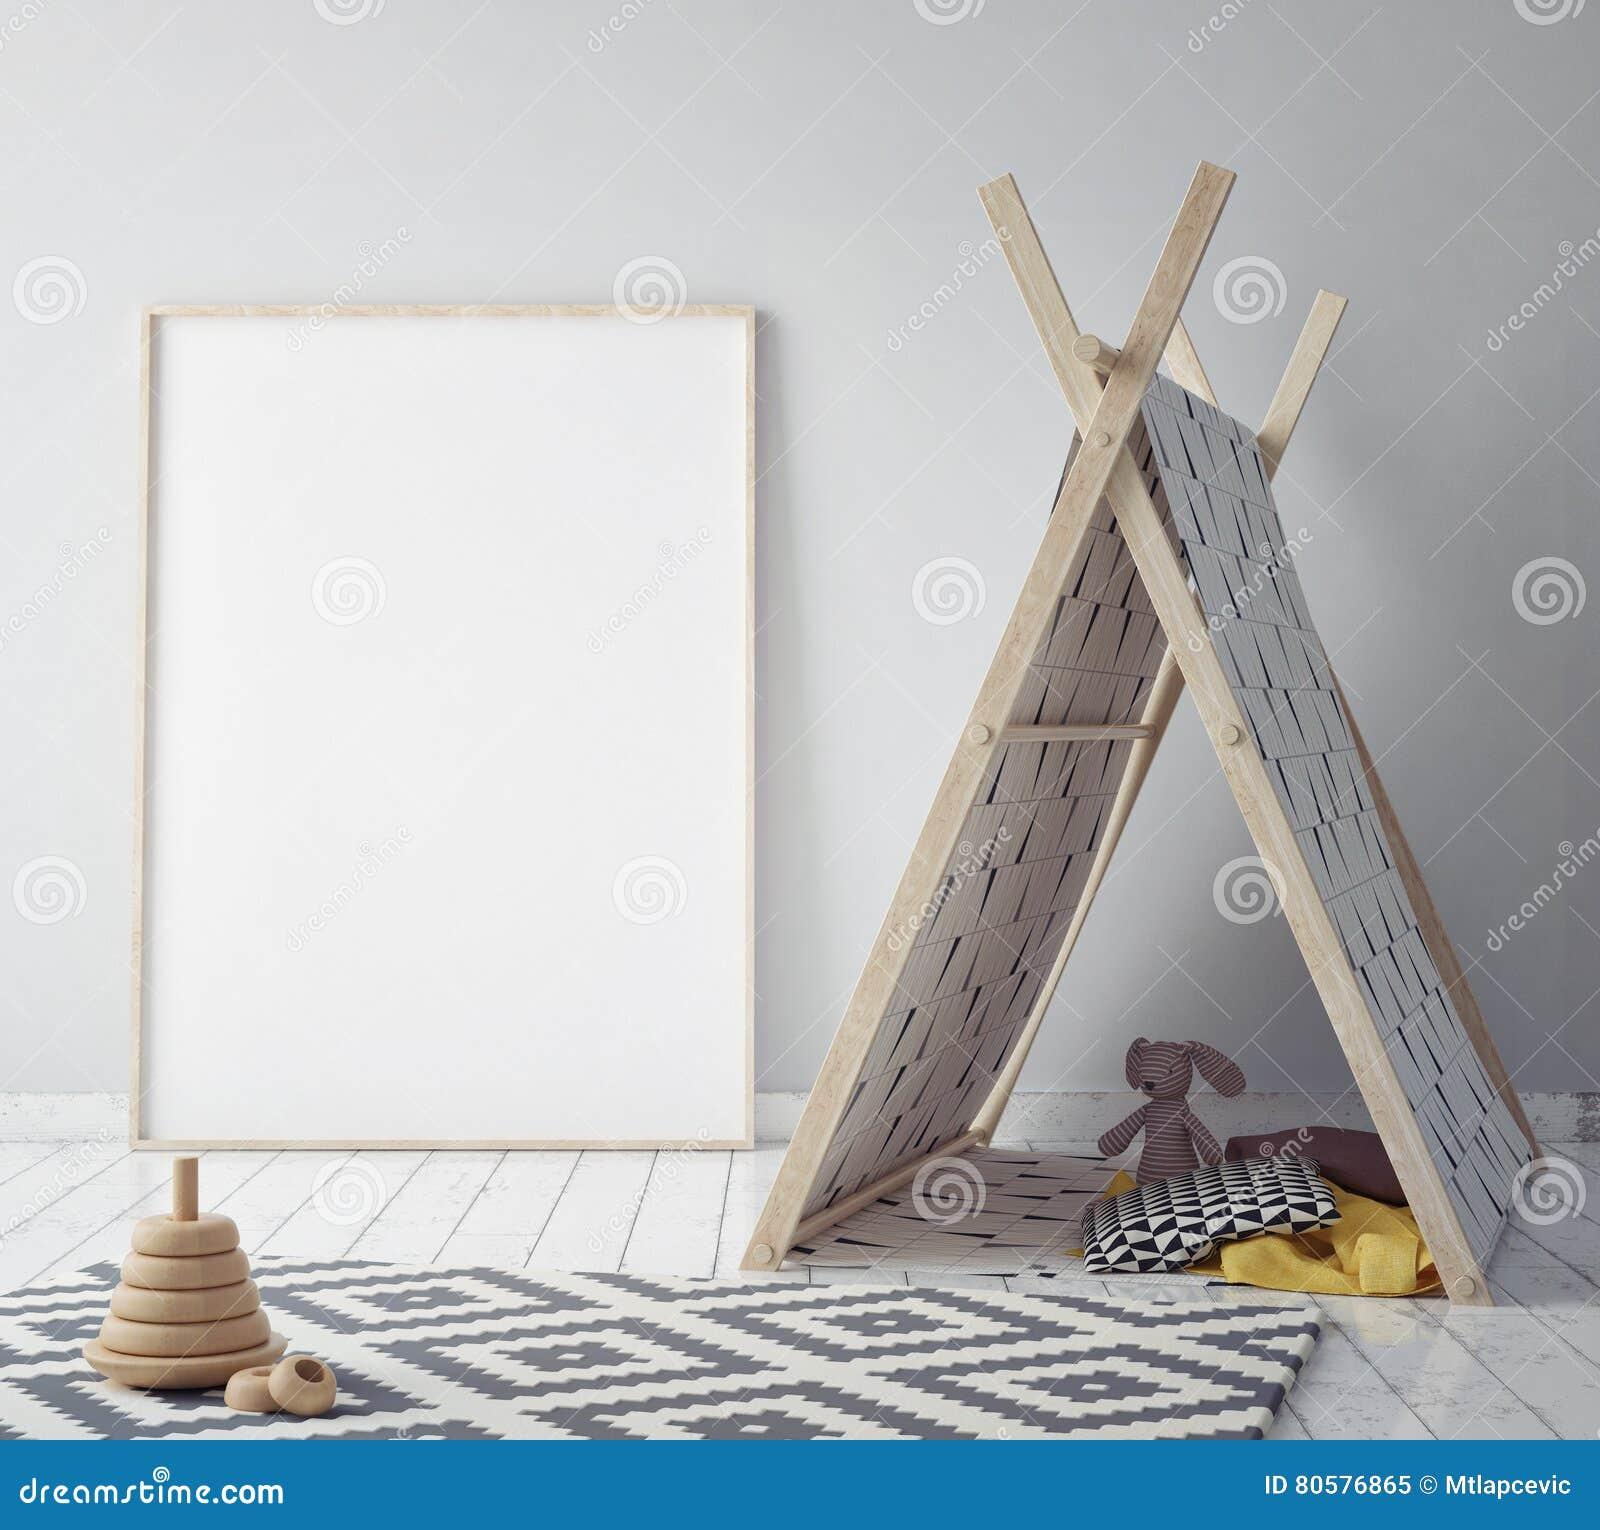 Imite encima de marco del cartel en el sitio del inconformista, fondo interior del estilo escandinavo, 3D rinden